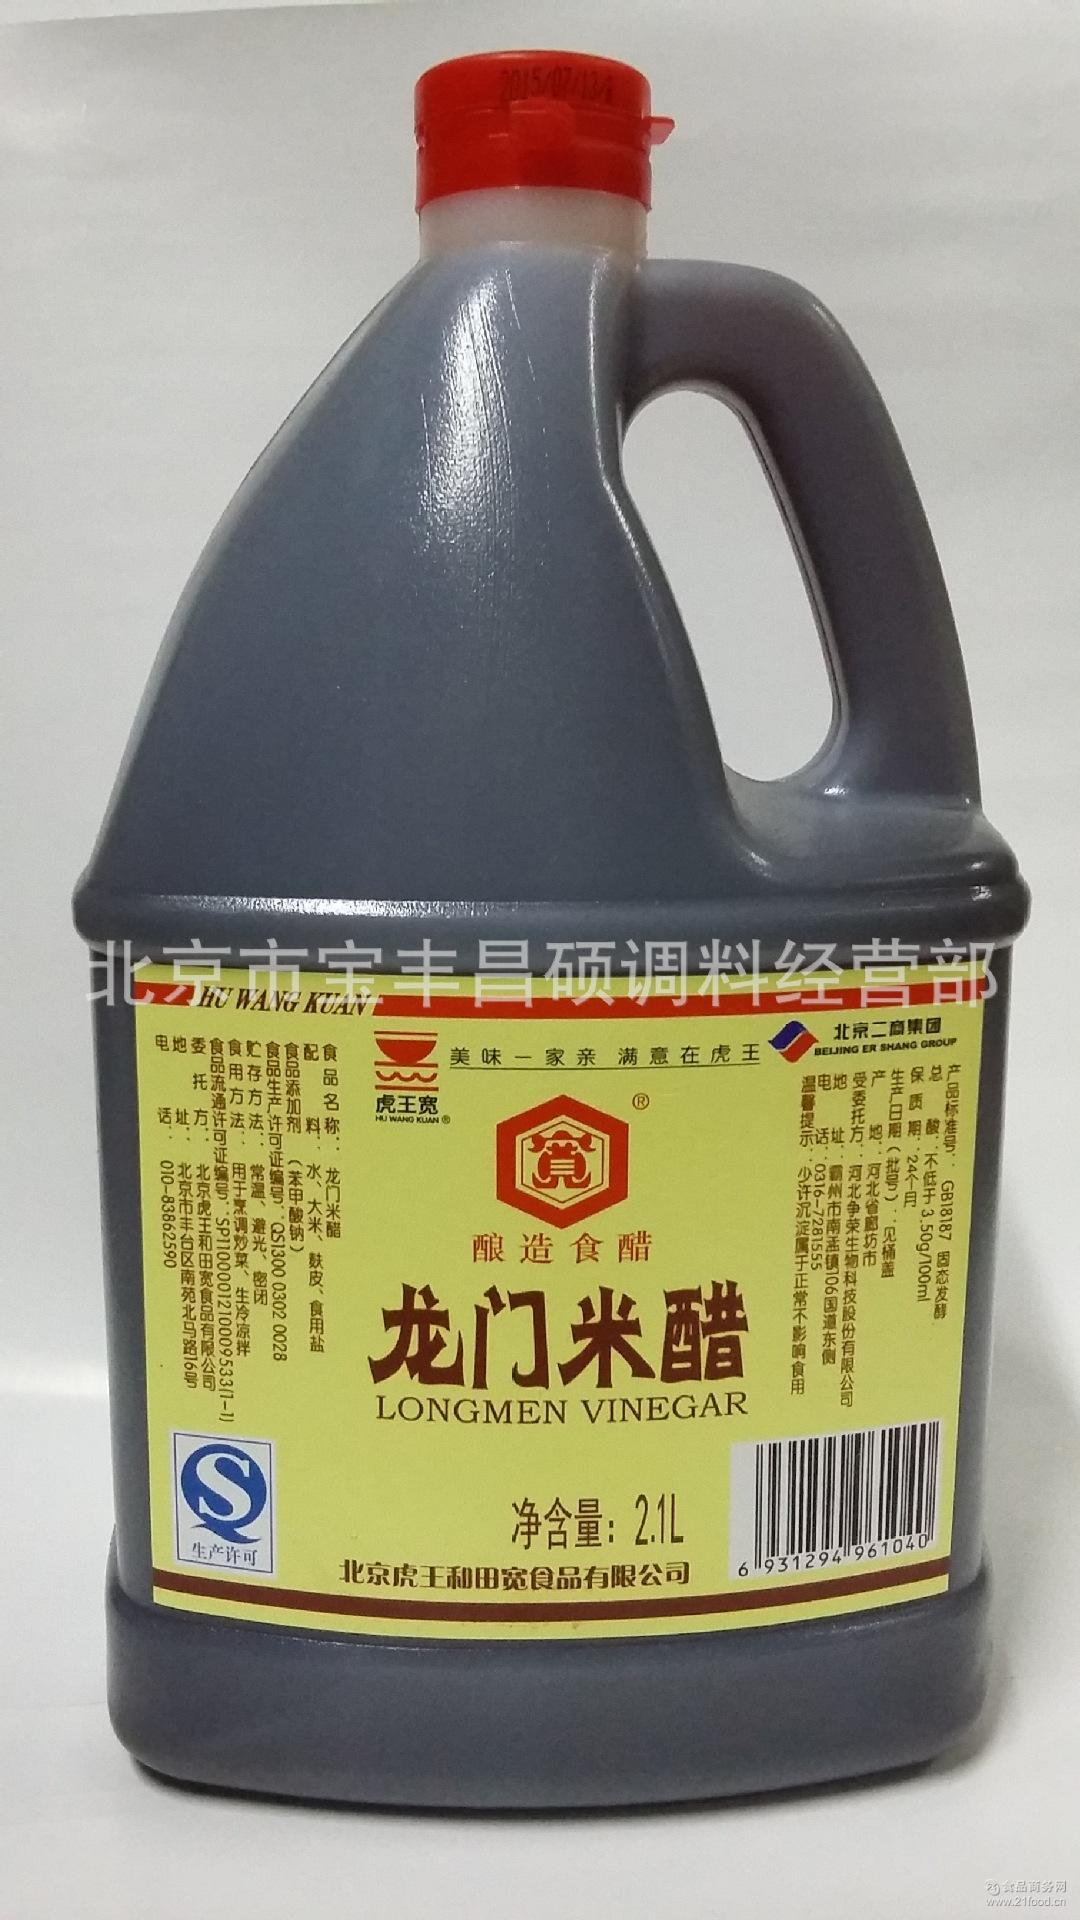 酿造食醋 保证正品 宽牌龙门米醋 量大优惠 2.1L 厂家